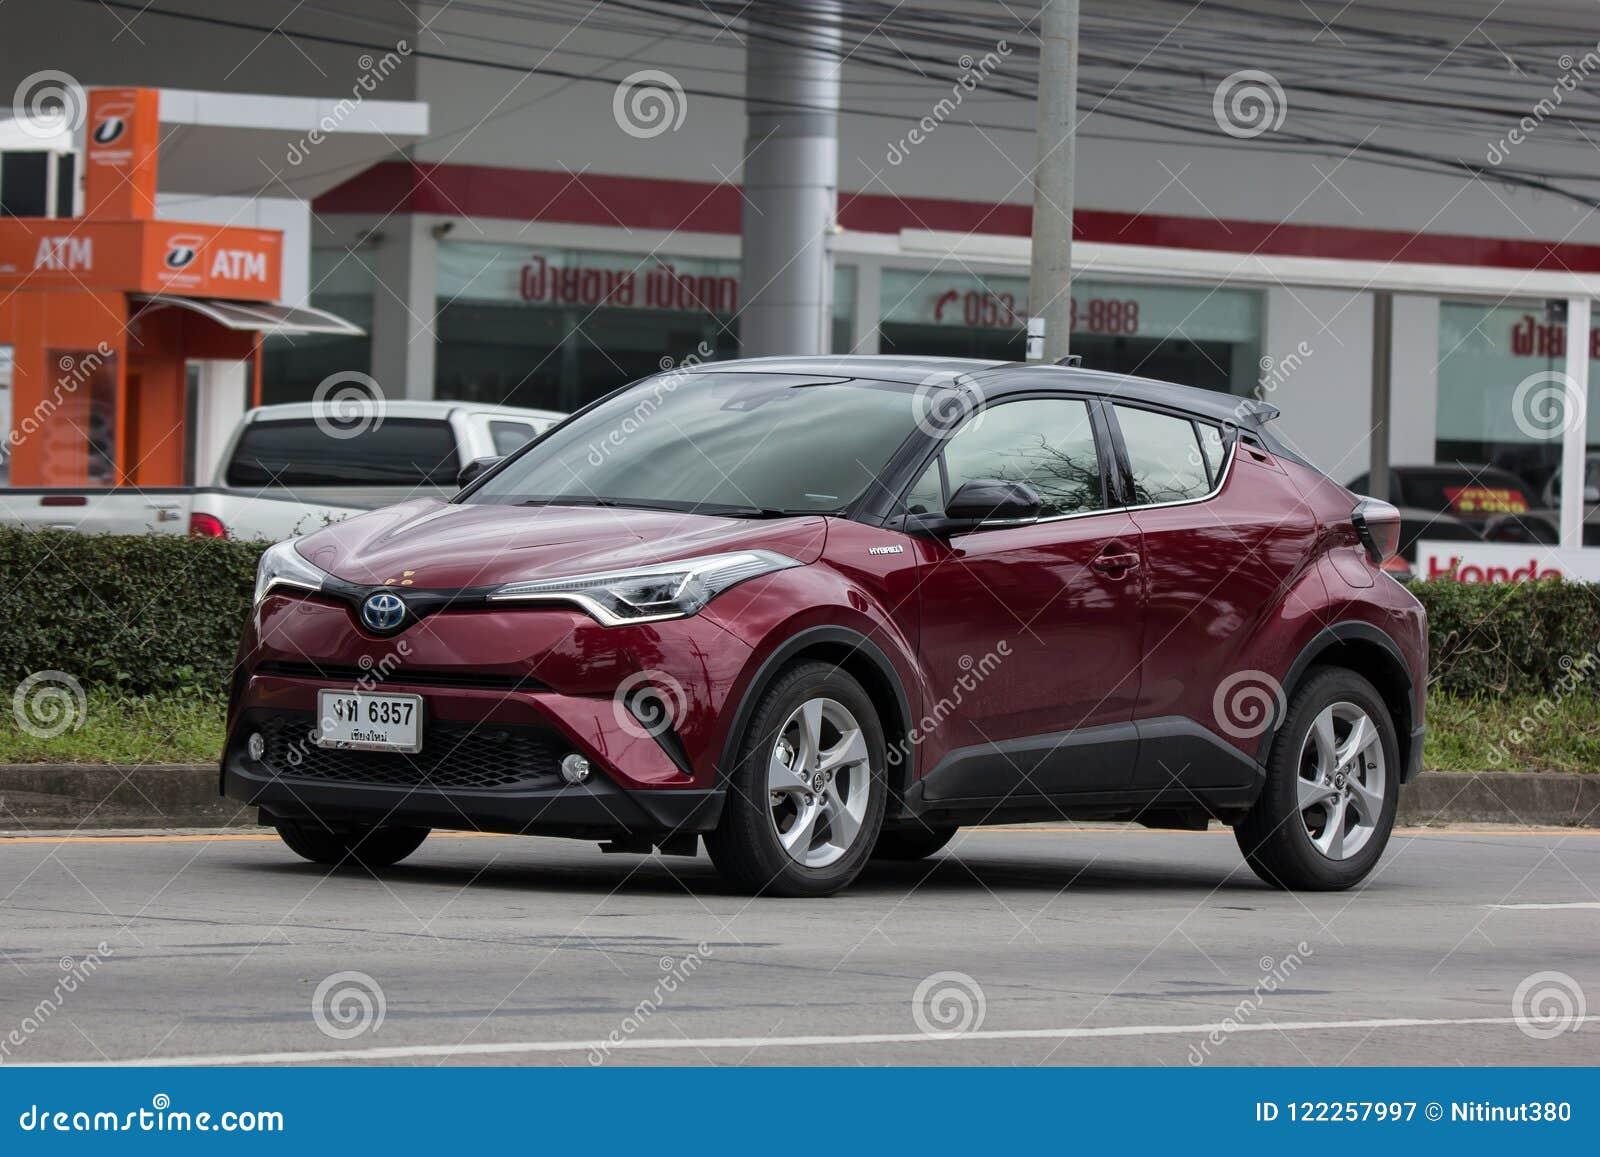 Van De Oversteekplaatssuv Van Toyota Chr Subcompact De Hybride Auto